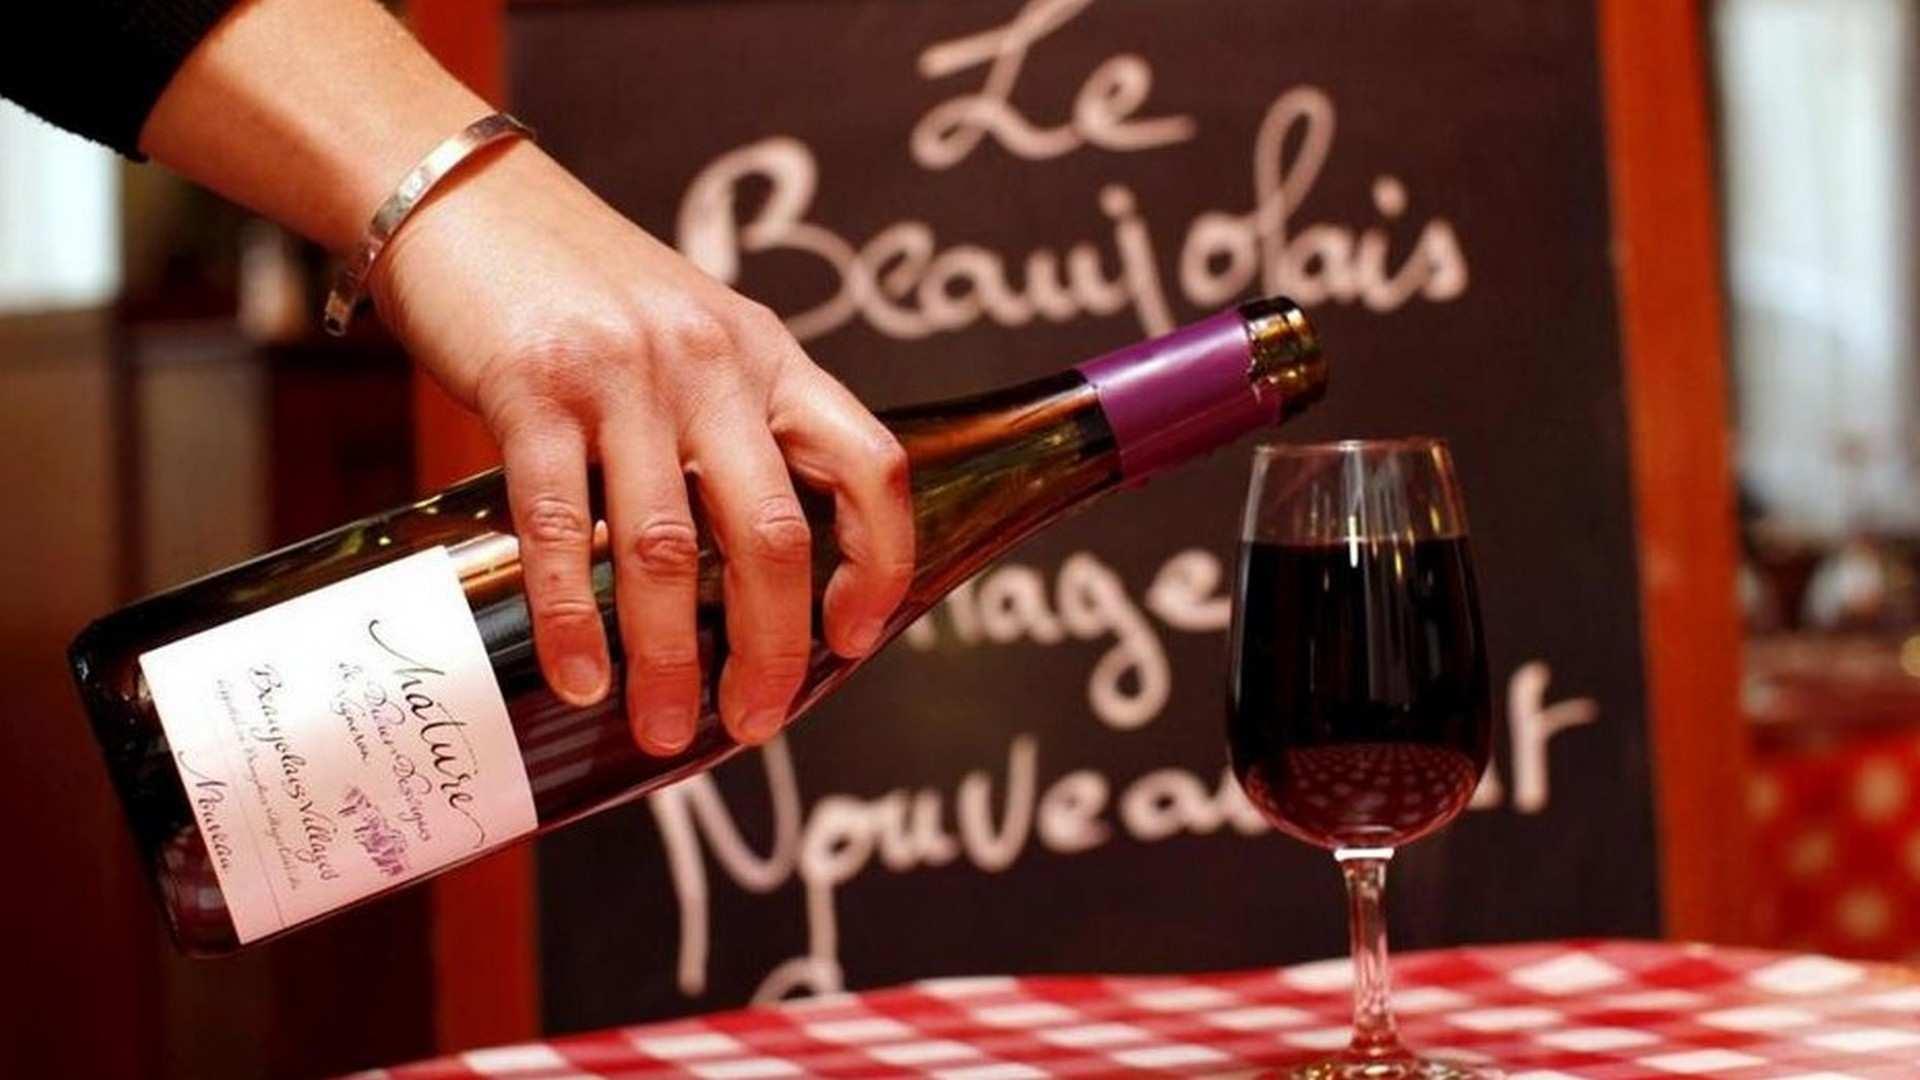 ¡Ya está aquí el Beaujolais Nouveau! El primer vino francés de la añada 2020